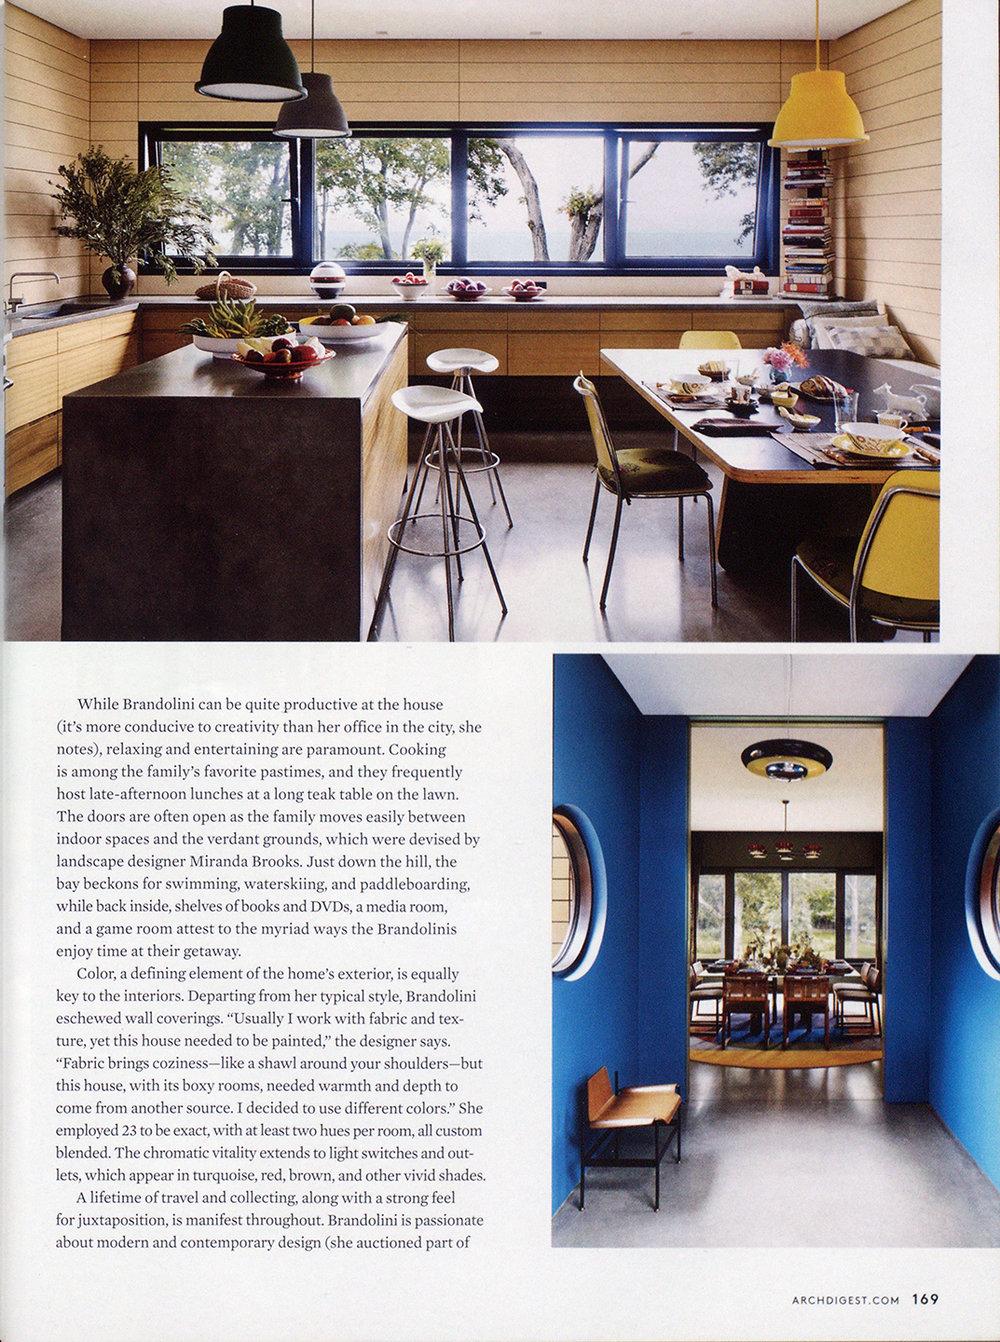 Architectural Digest169.jpg